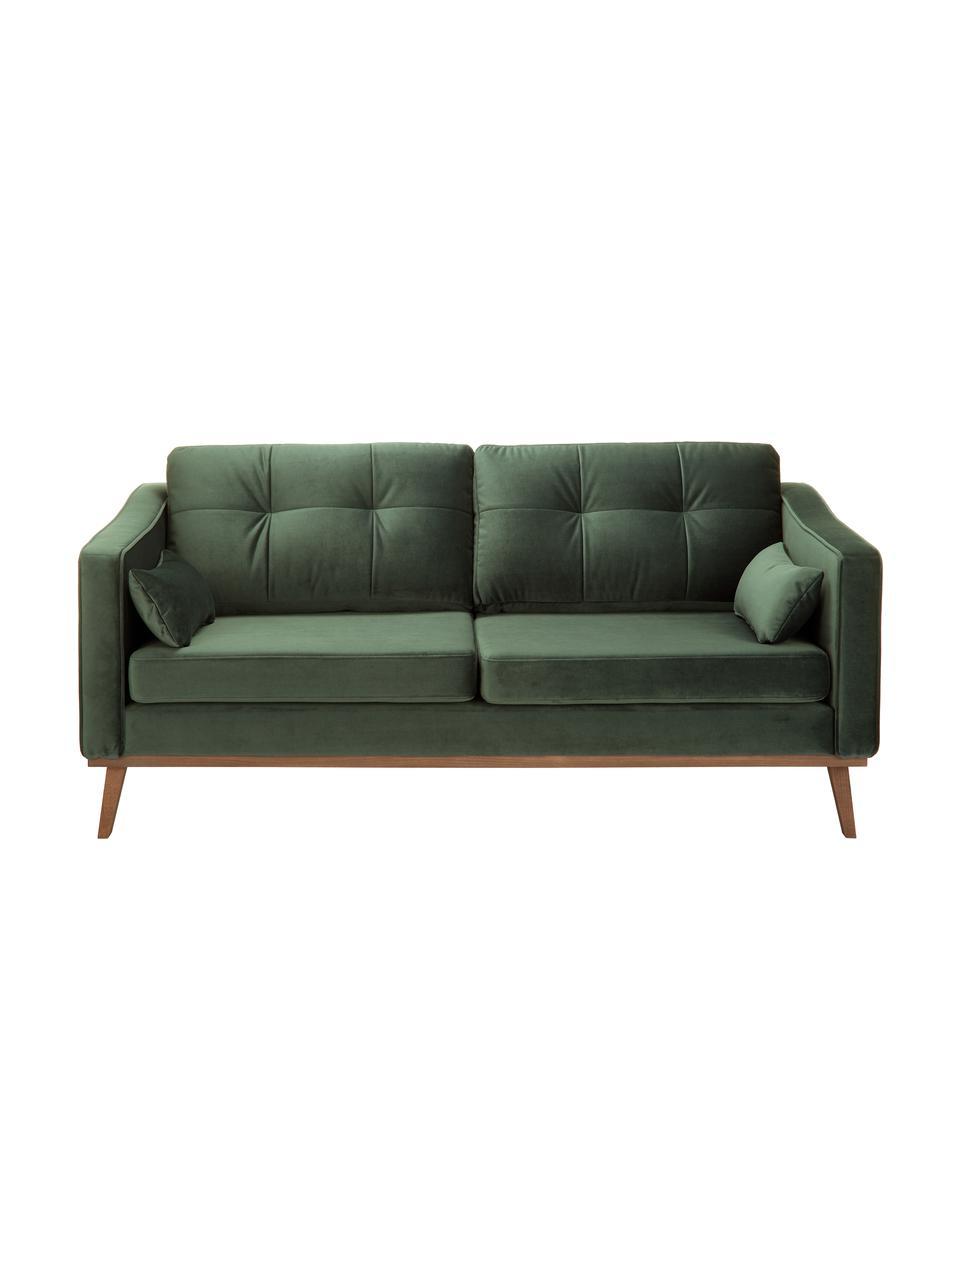 Fluwelen bank Alva (2-zits) in groen met houten poten, Bekleding: fluweel (hoogwaardig poly, Frame: massief grenenhout, Poten: massief gebeitst beukenho, Olijfkleurig, 184 x 92 cm